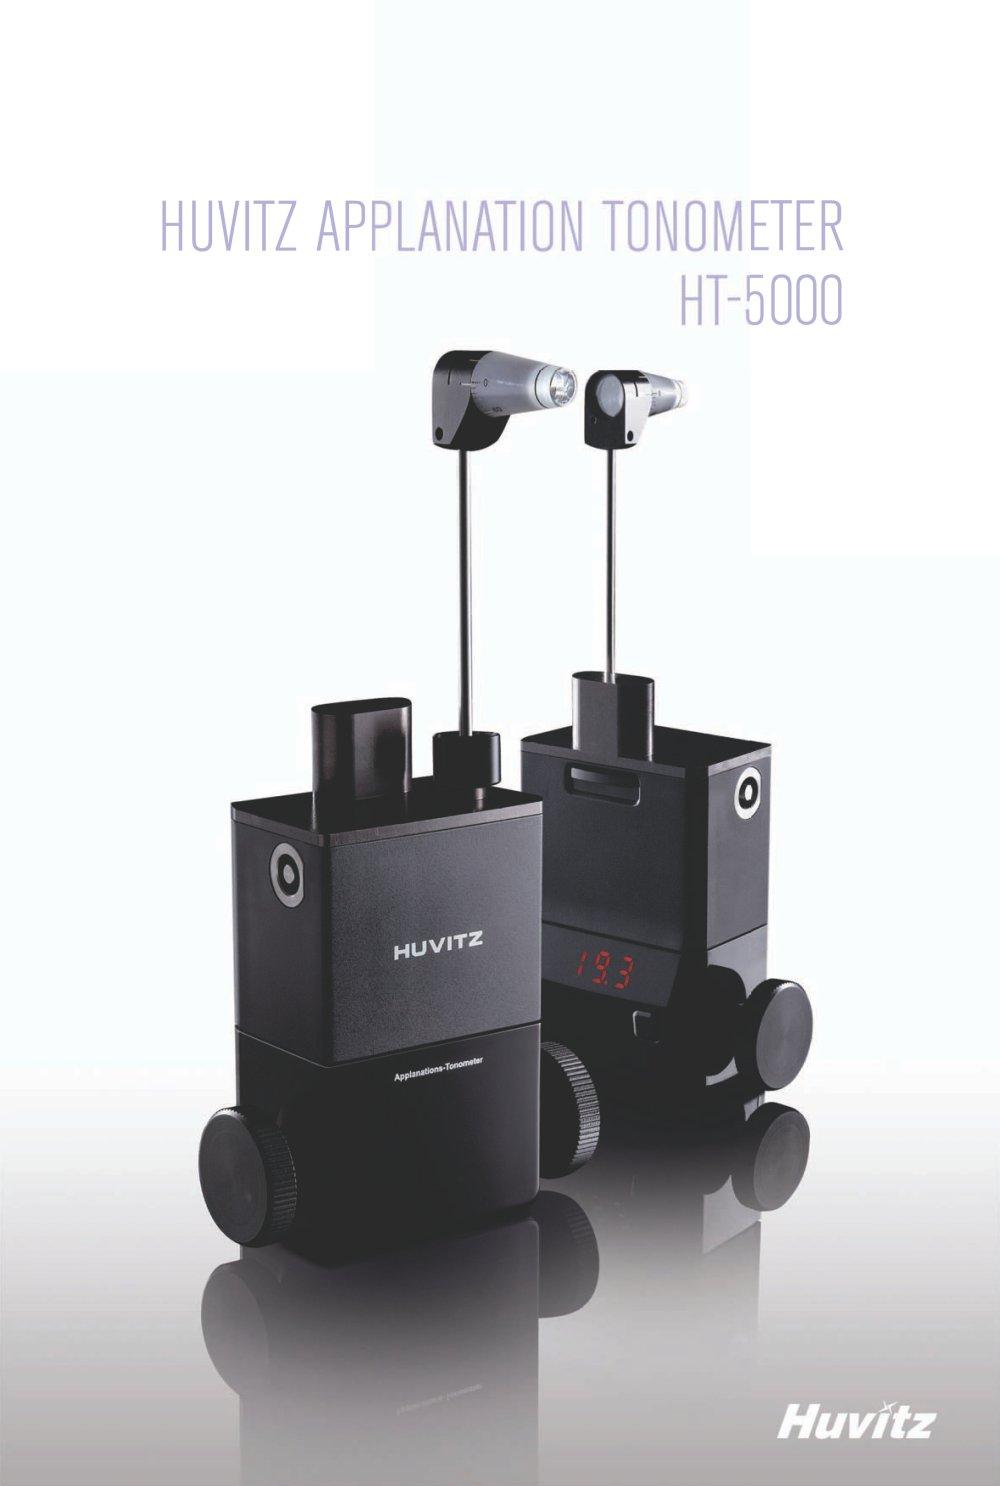 Digital tonometre à aplanation